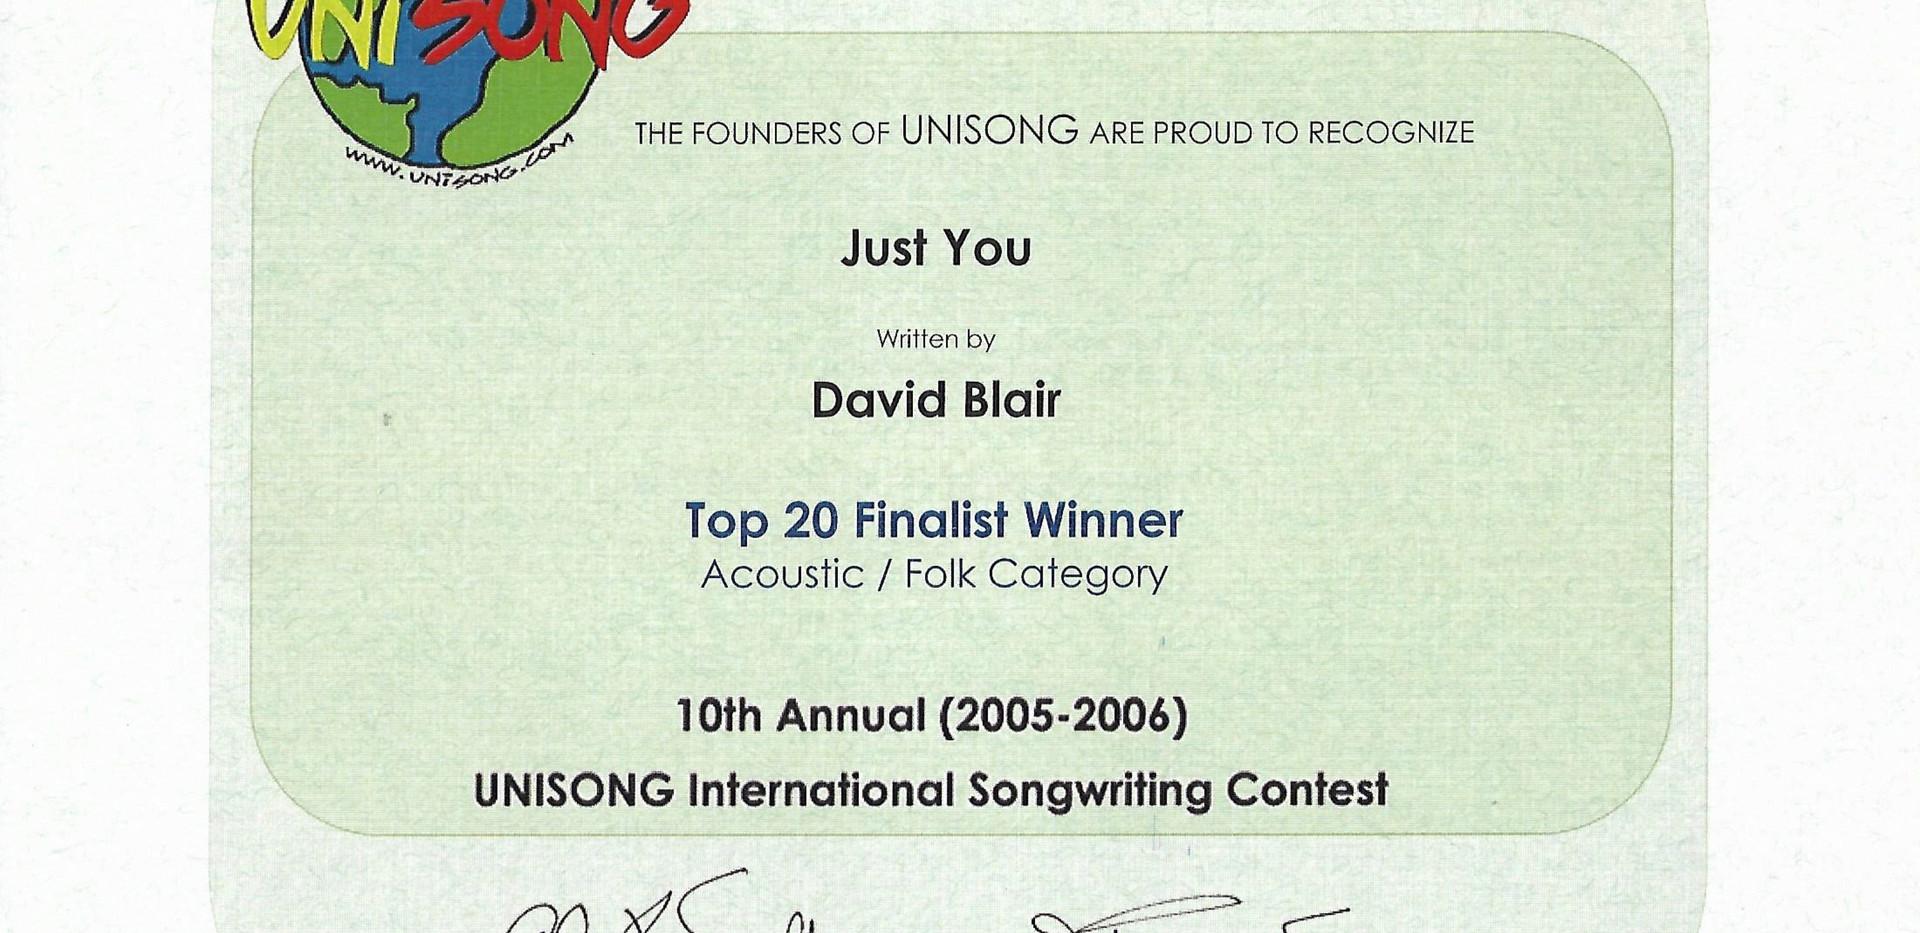 Songwriting Awards 1.jpg